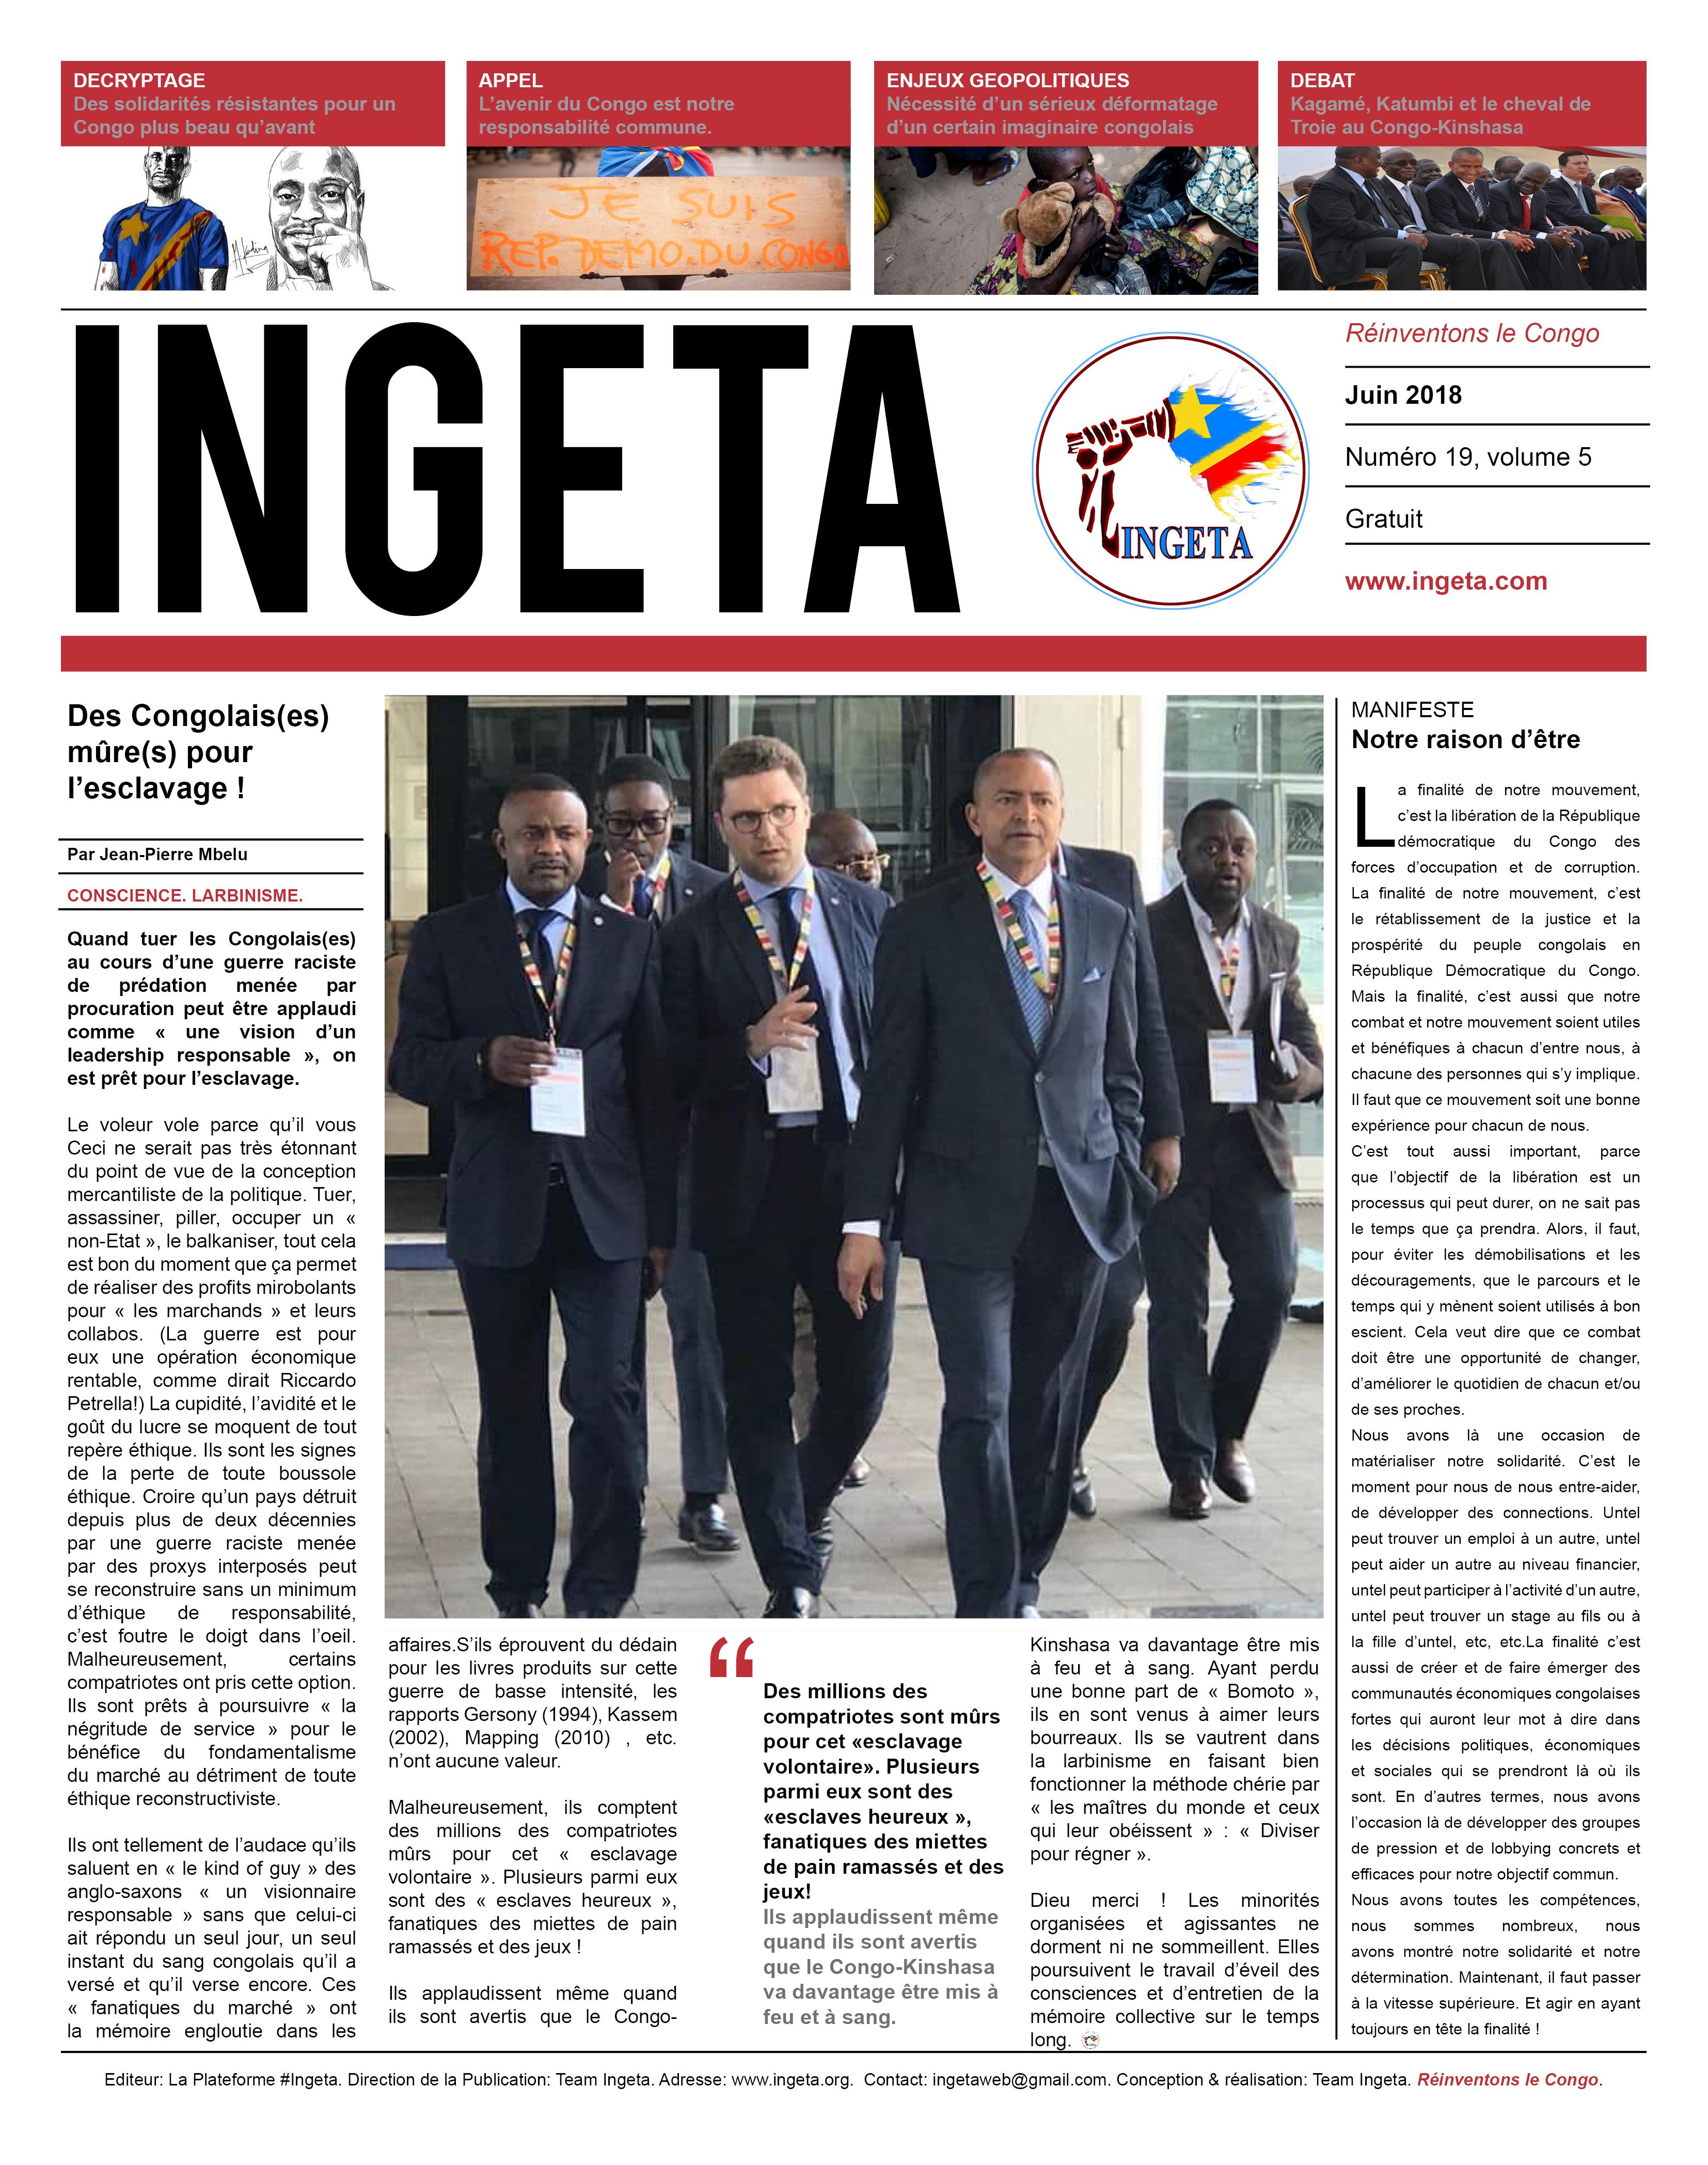 Ingeta Journal #19